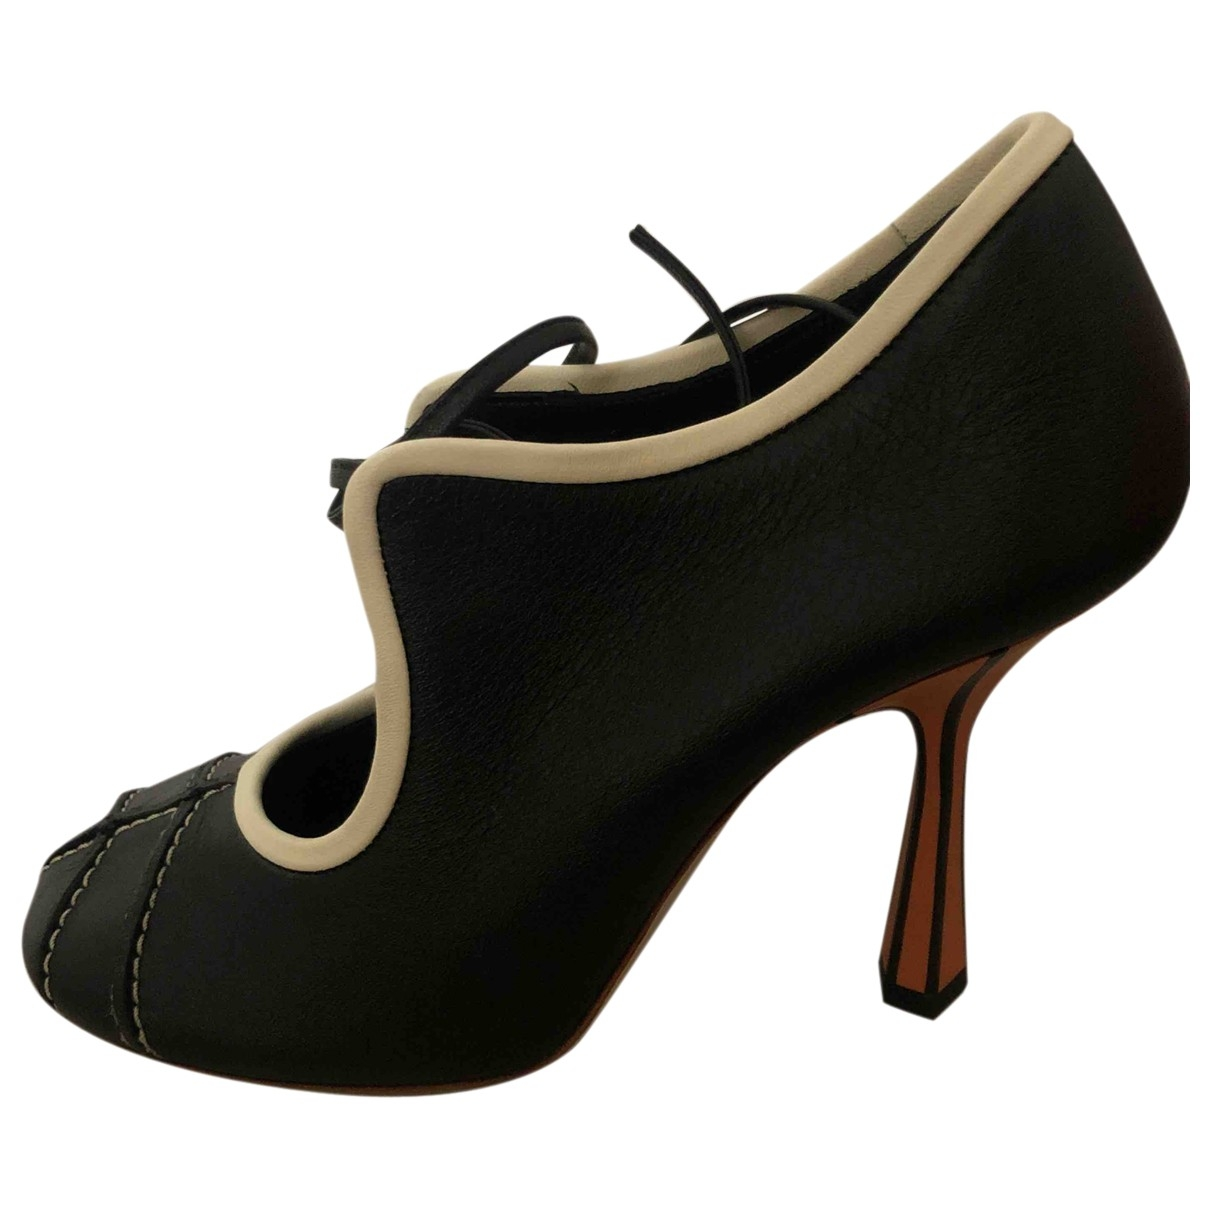 Marni \N Black Leather Heels for Women 38 EU